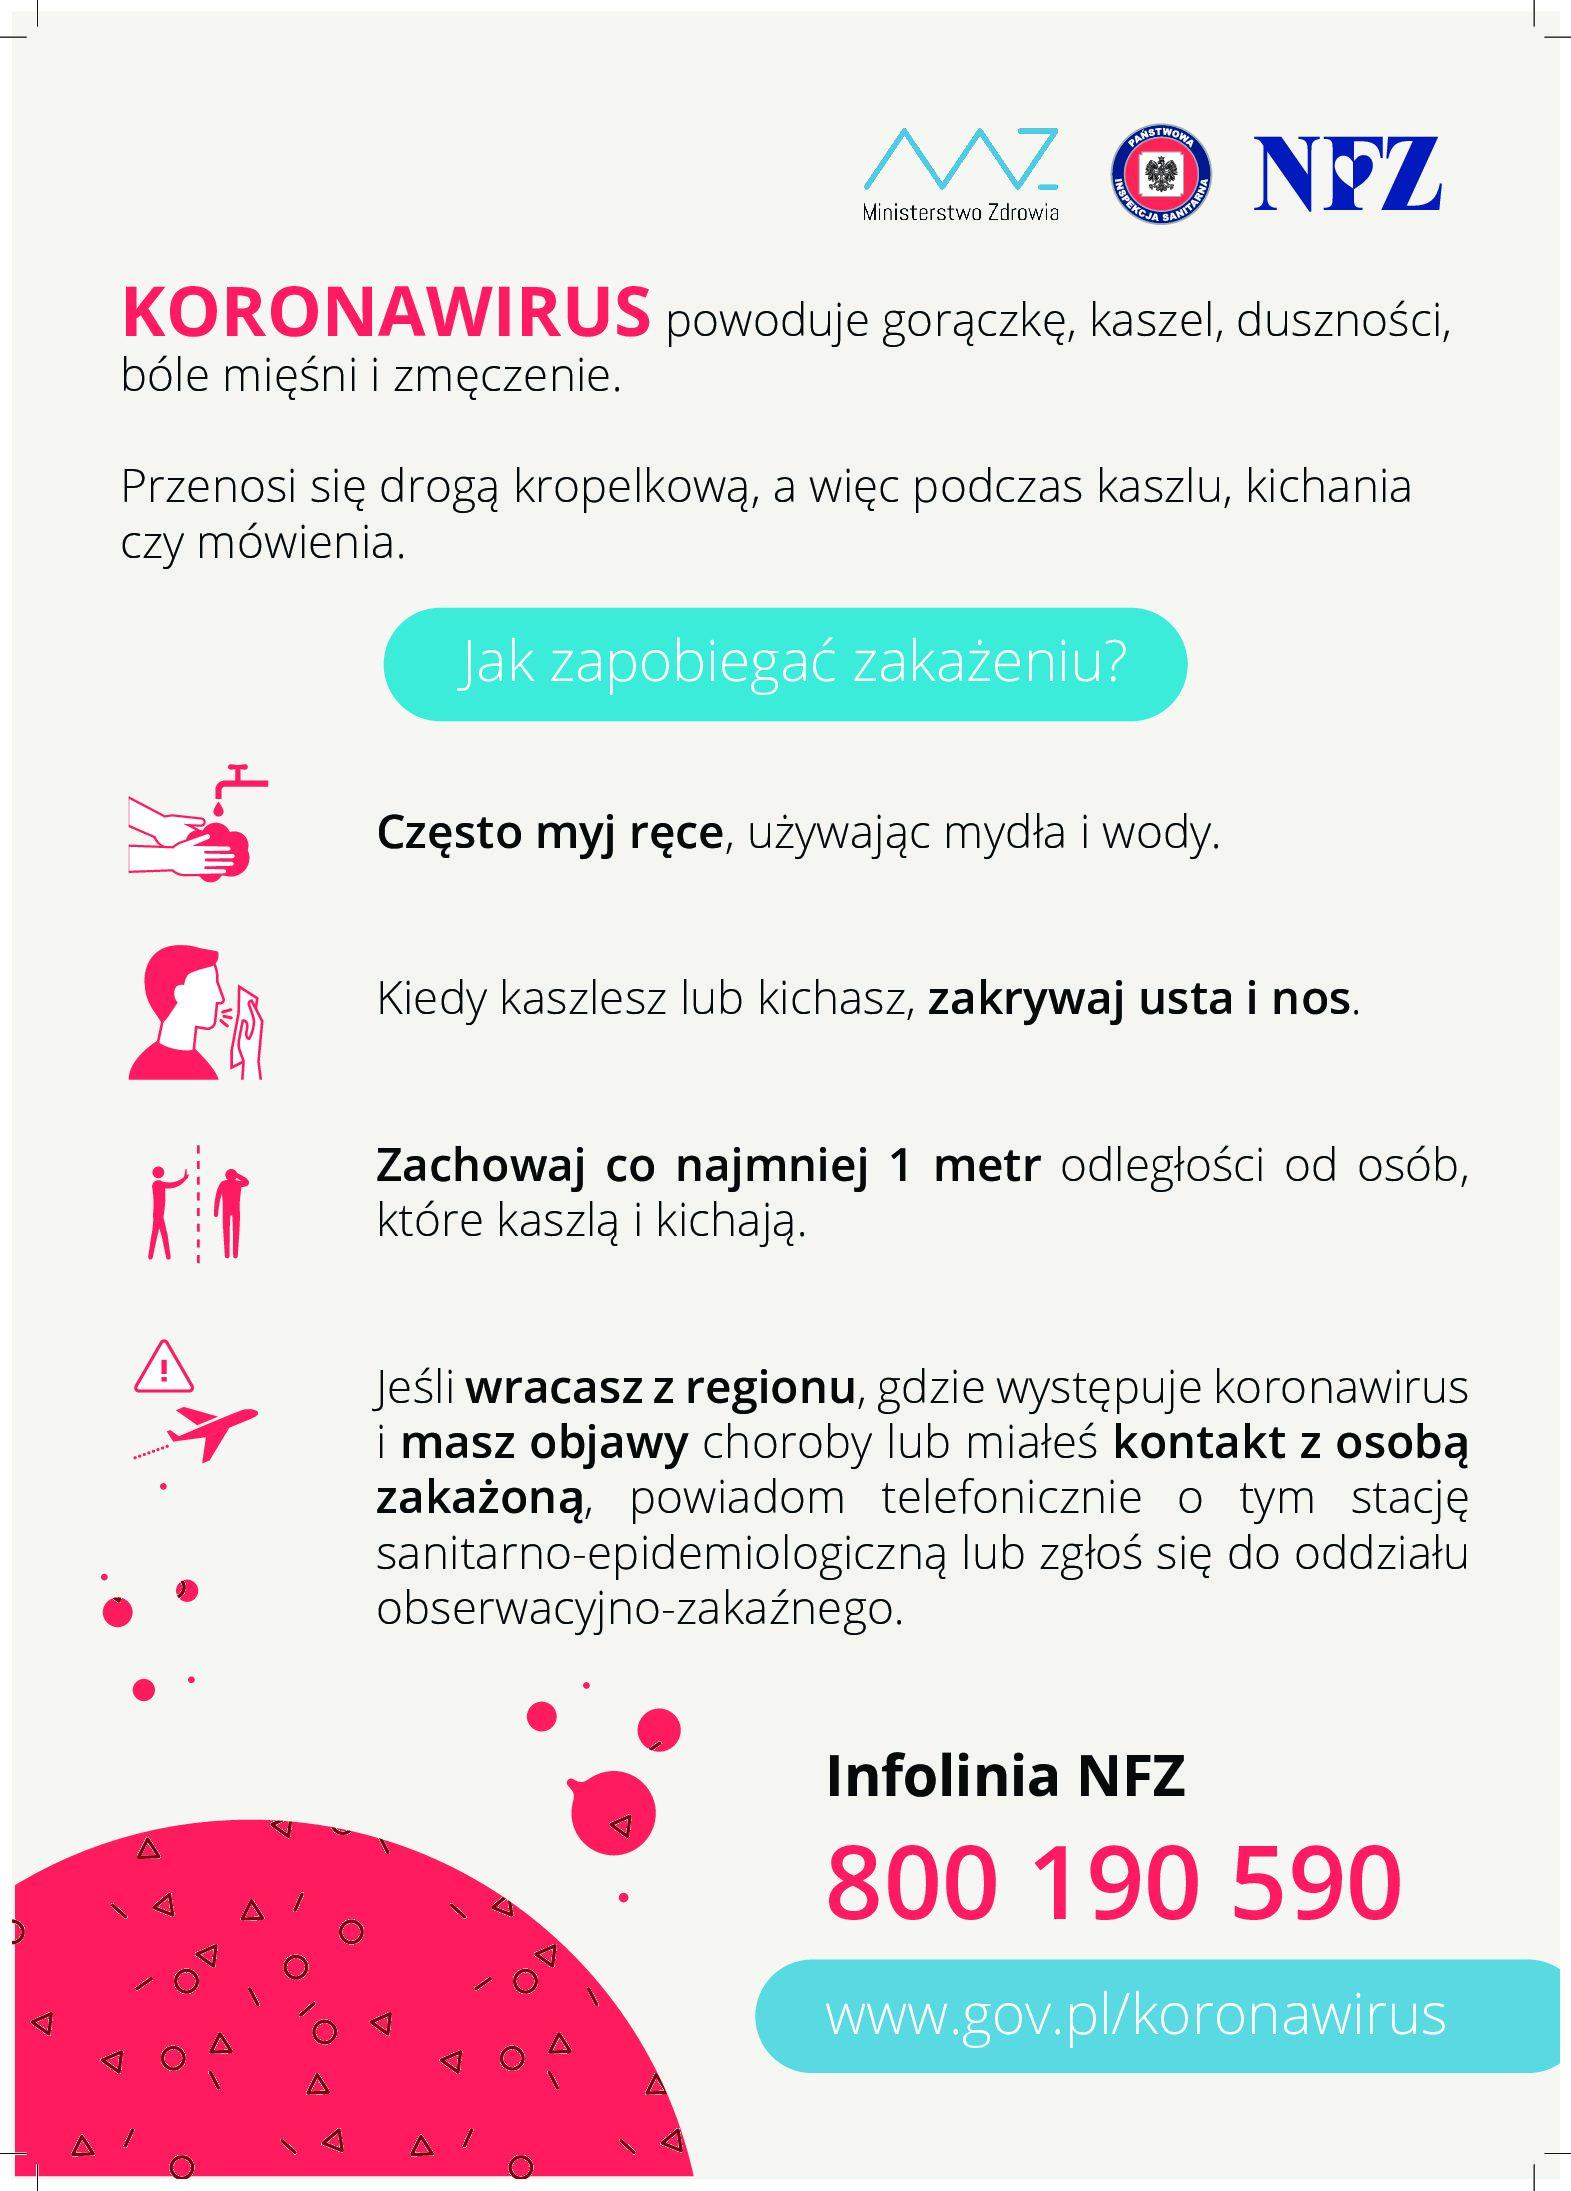 Inne materiały dotyczące koronawirusa